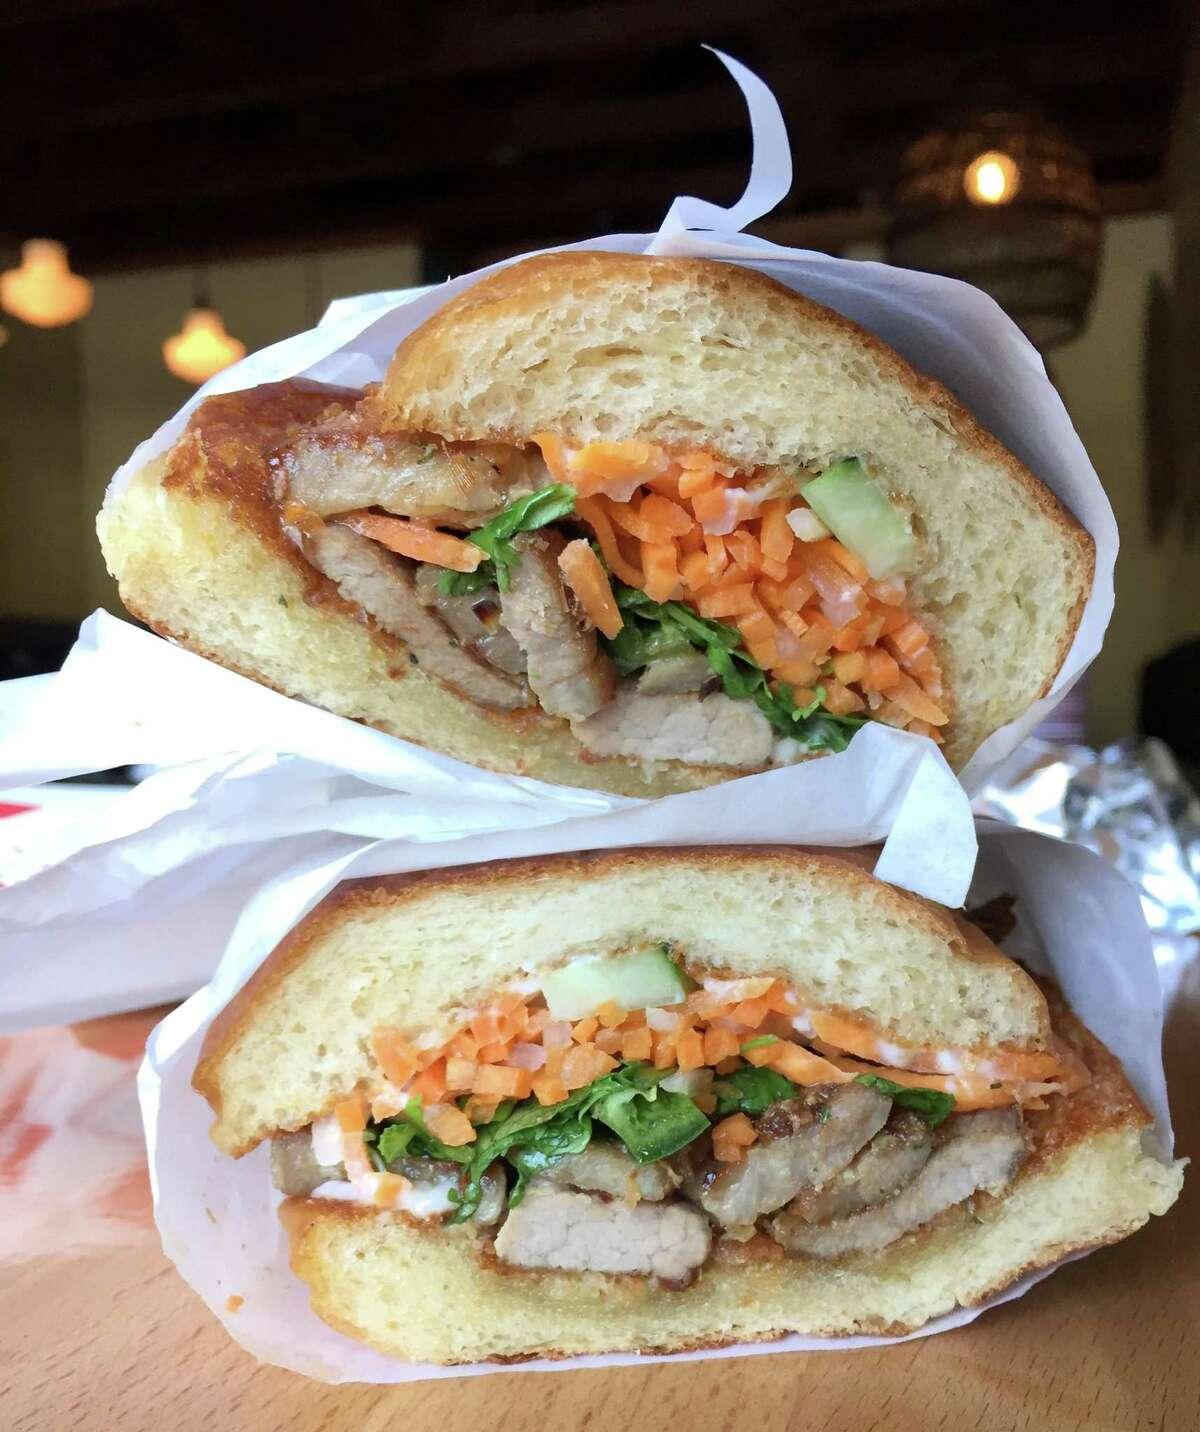 Banh mi sandwich at Singhs Vietnamese.